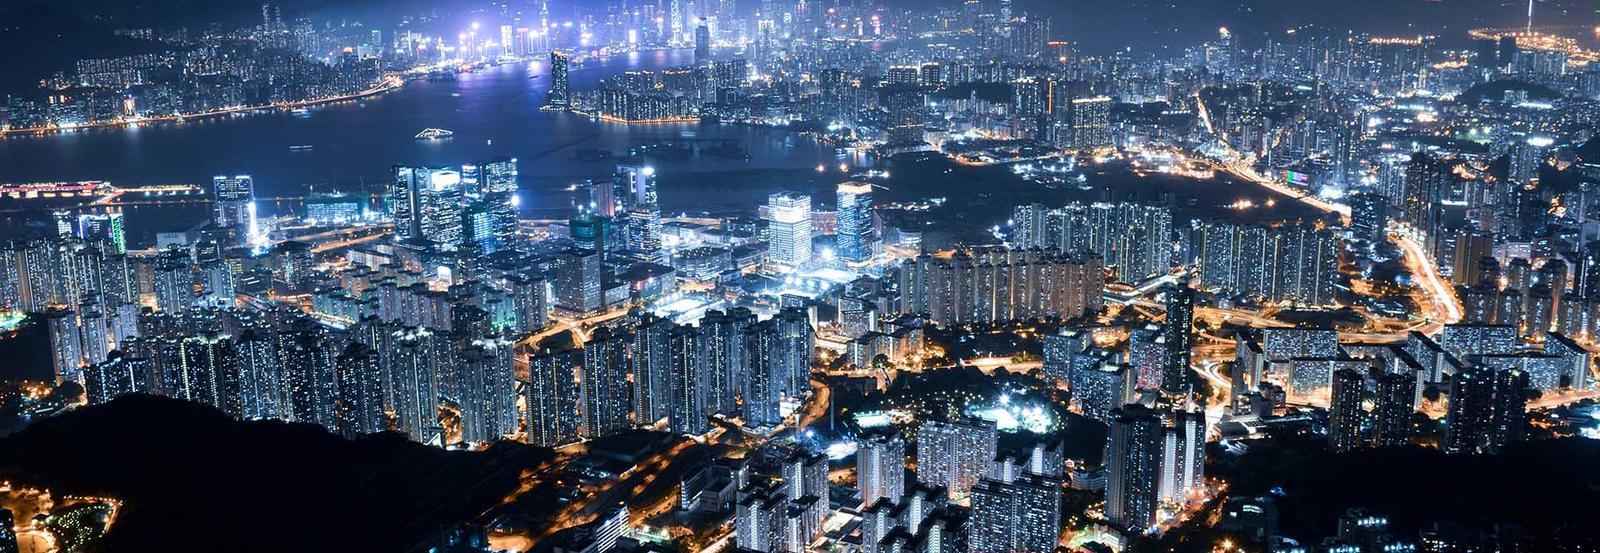 a big bright city